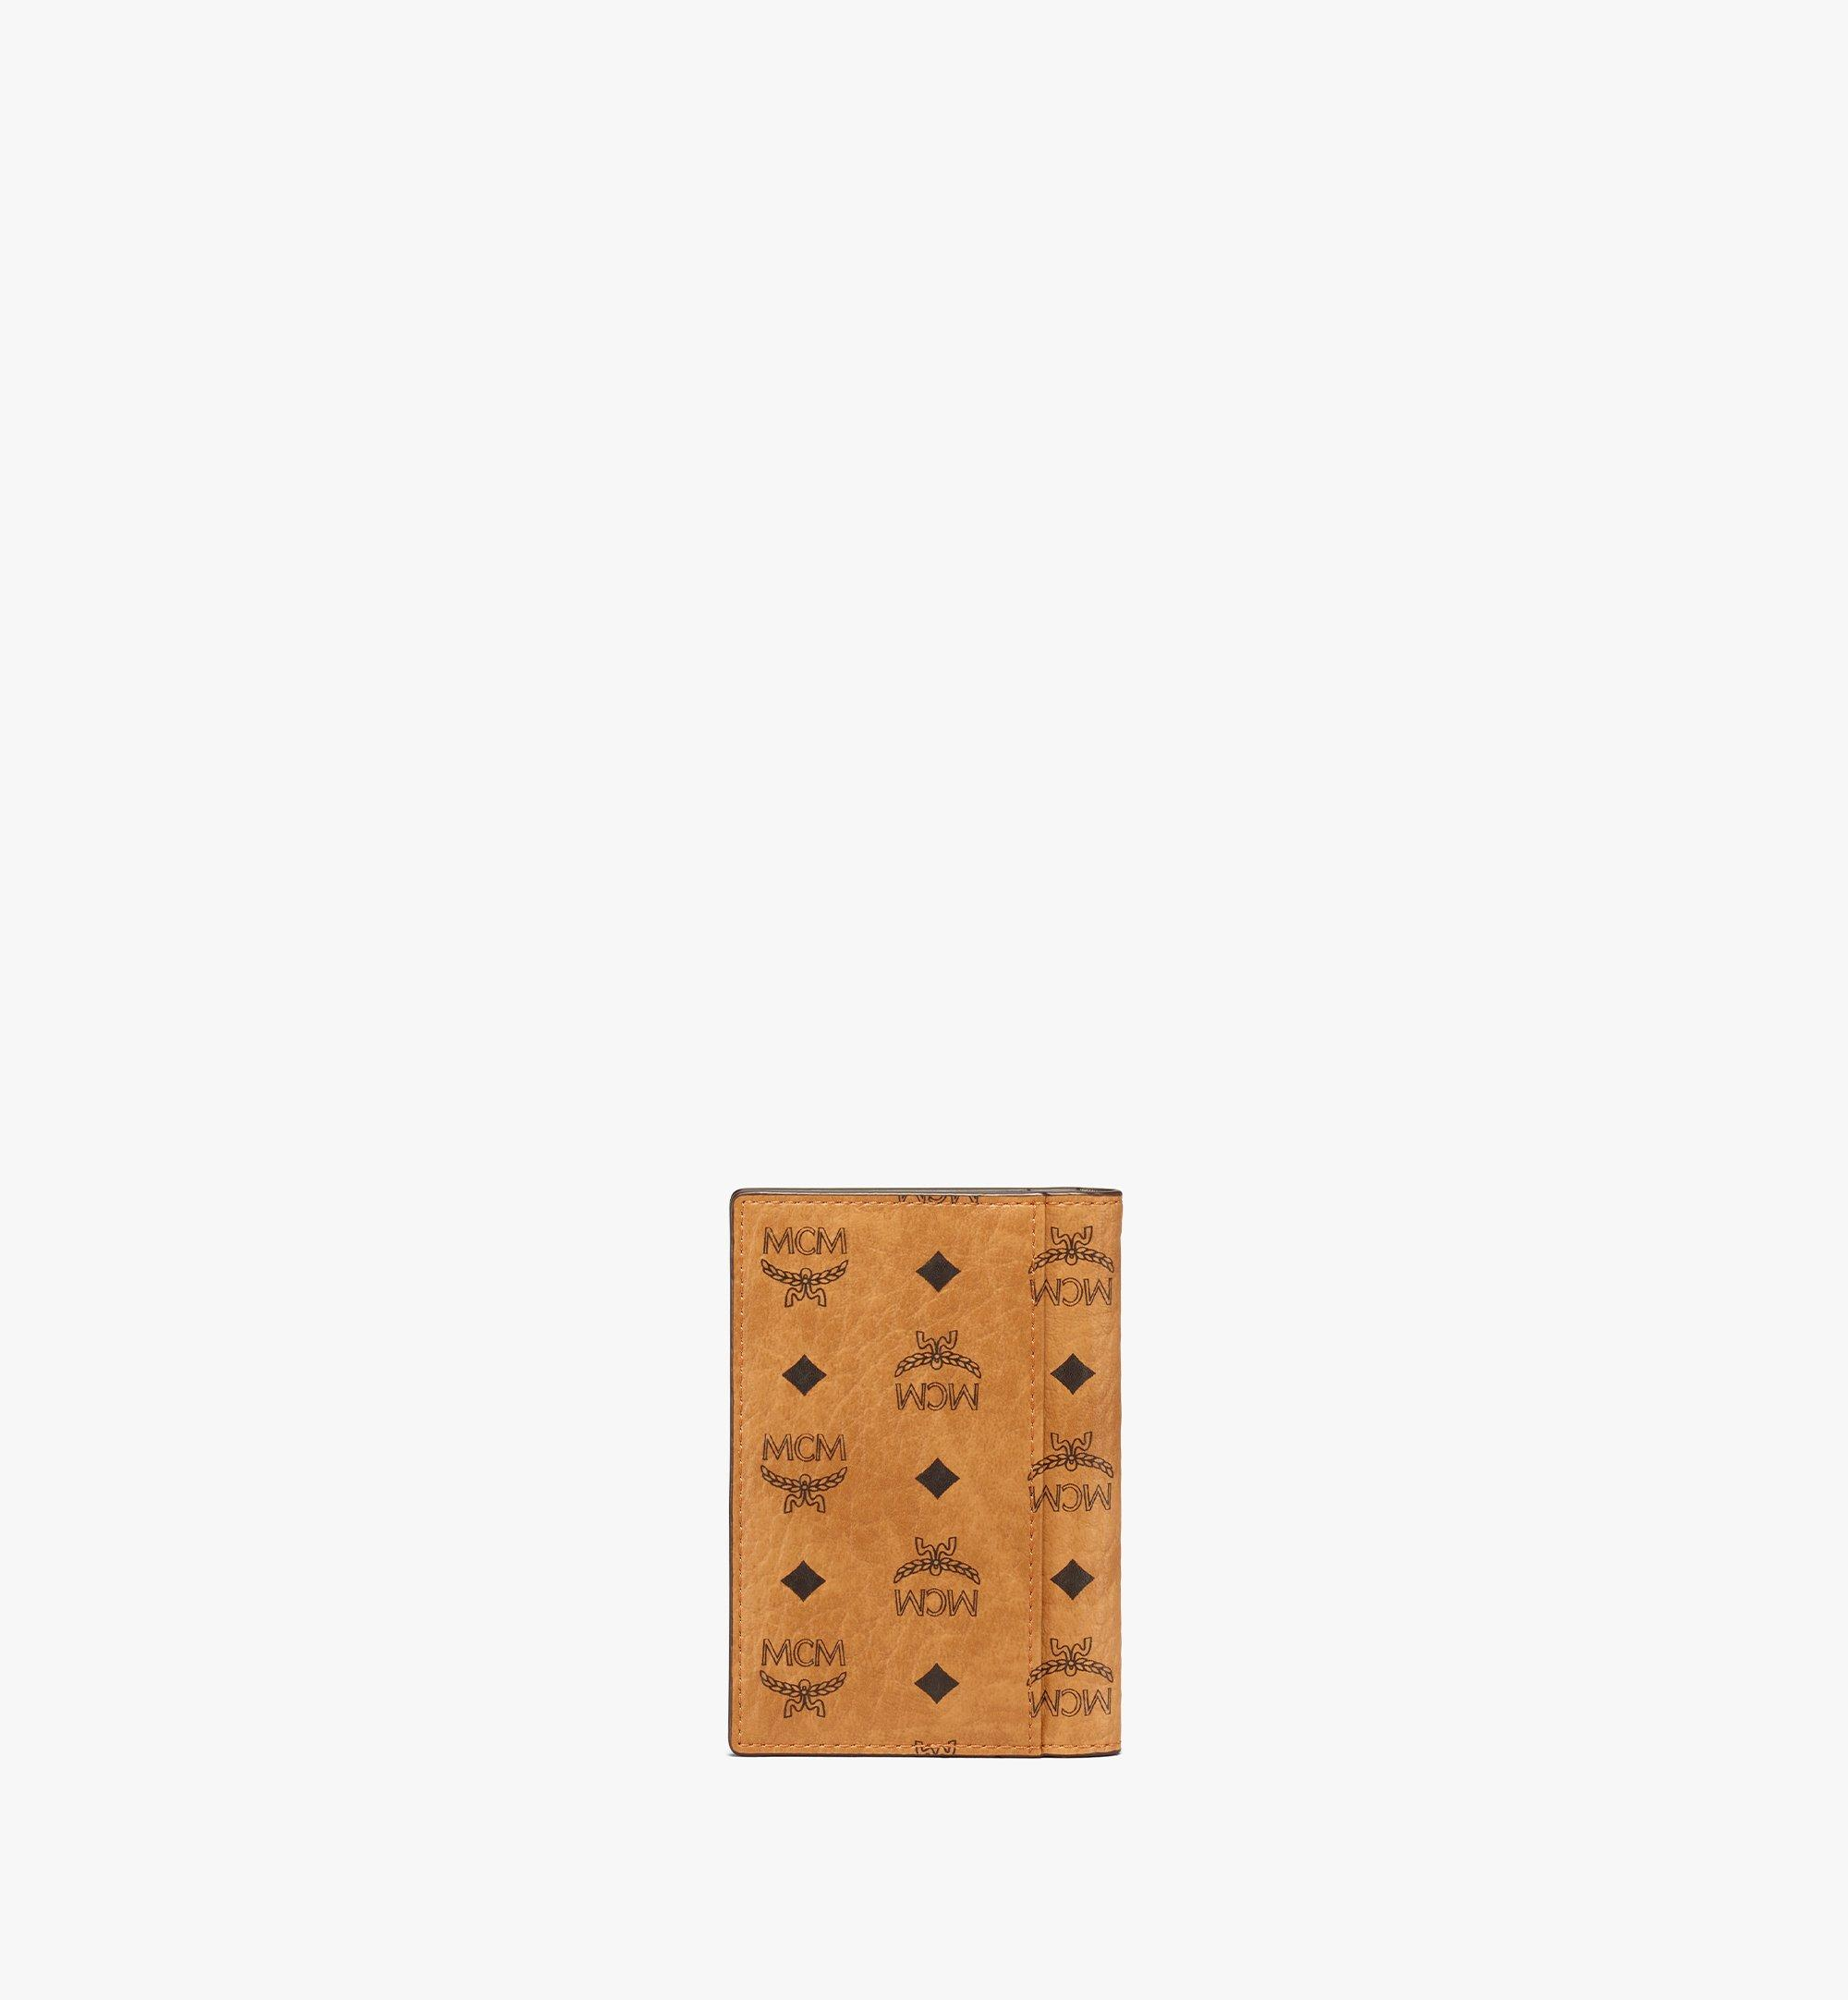 MCM Gefaltete Brieftasche für Karten in Visetos Original Cognac MXAAAVI04CO001 Noch mehr sehen 2